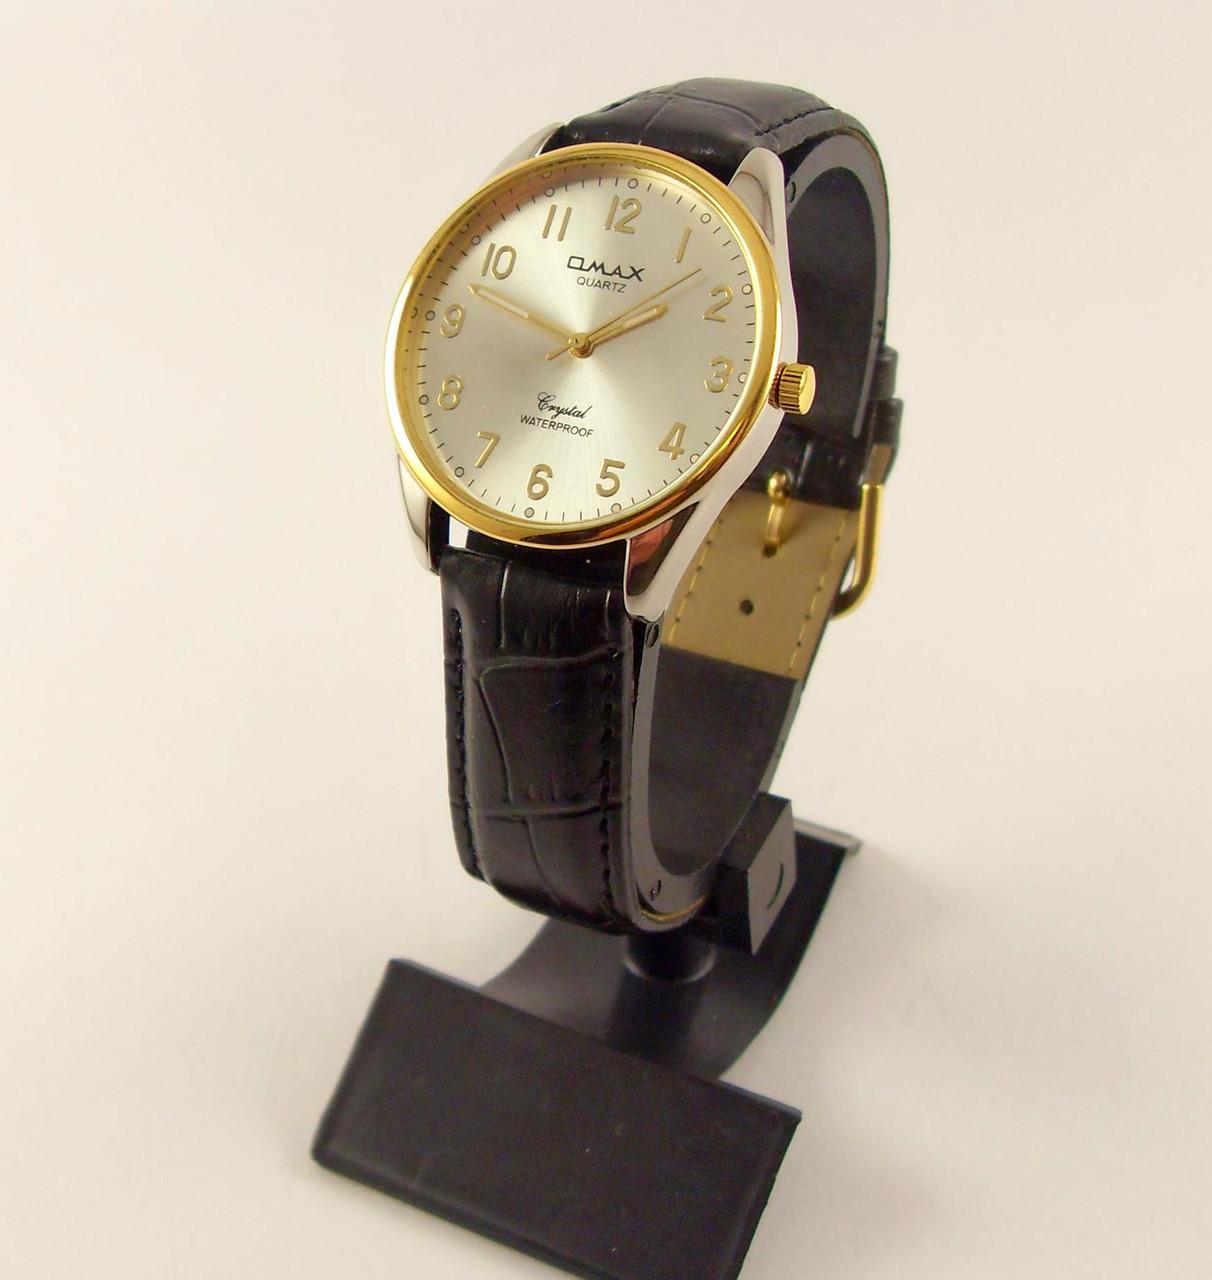 50739ca8 Мужские часы Omax KC3243 серебро с черным водозащитные копия, цена 317  грн., купить в Харькове — Prom.ua (ID#68017752)